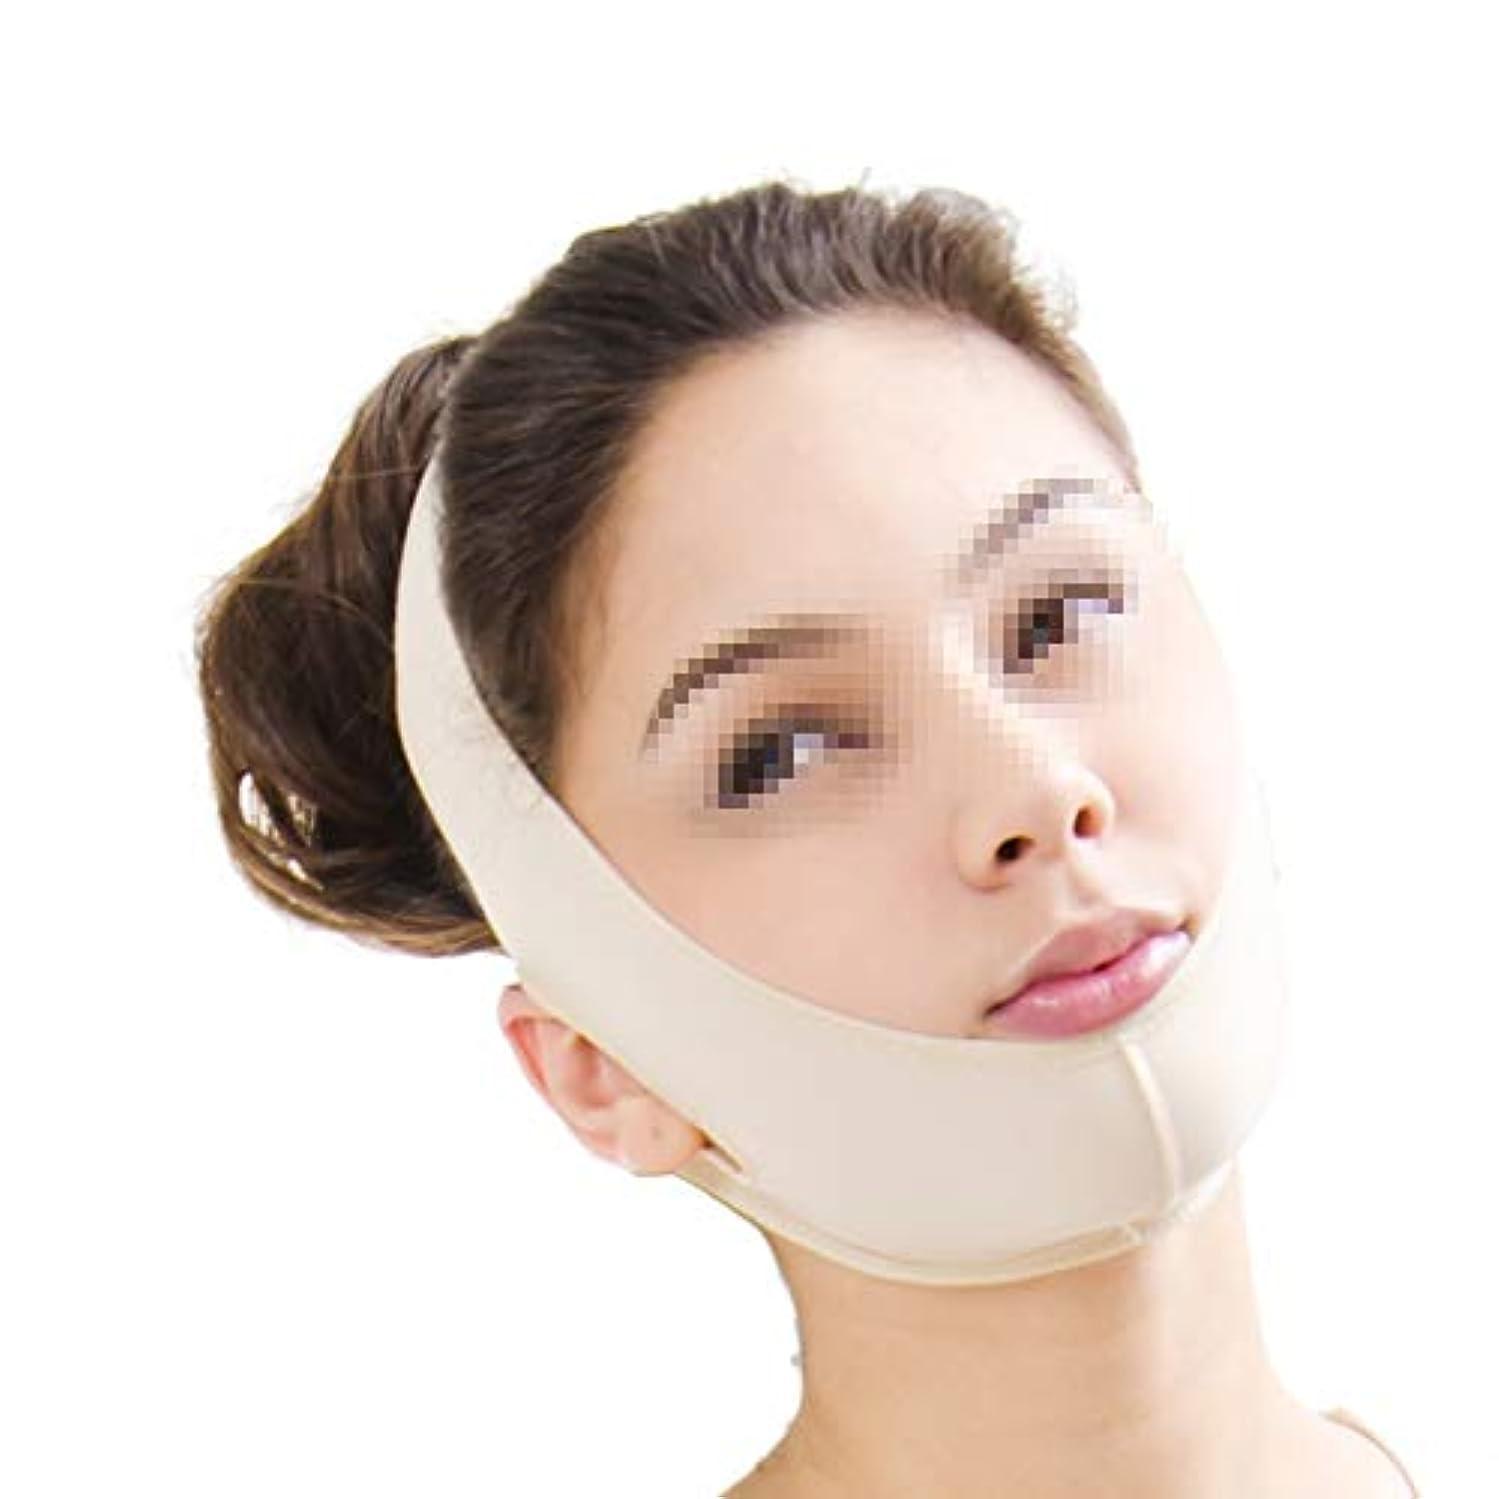 酔っ払い幸福文字通りフェイスリフトマスク、圧縮後の顎顔面二重あご化粧品脂肪吸引小さな顔包帯弾性ヘッドギア (Size : XXL)